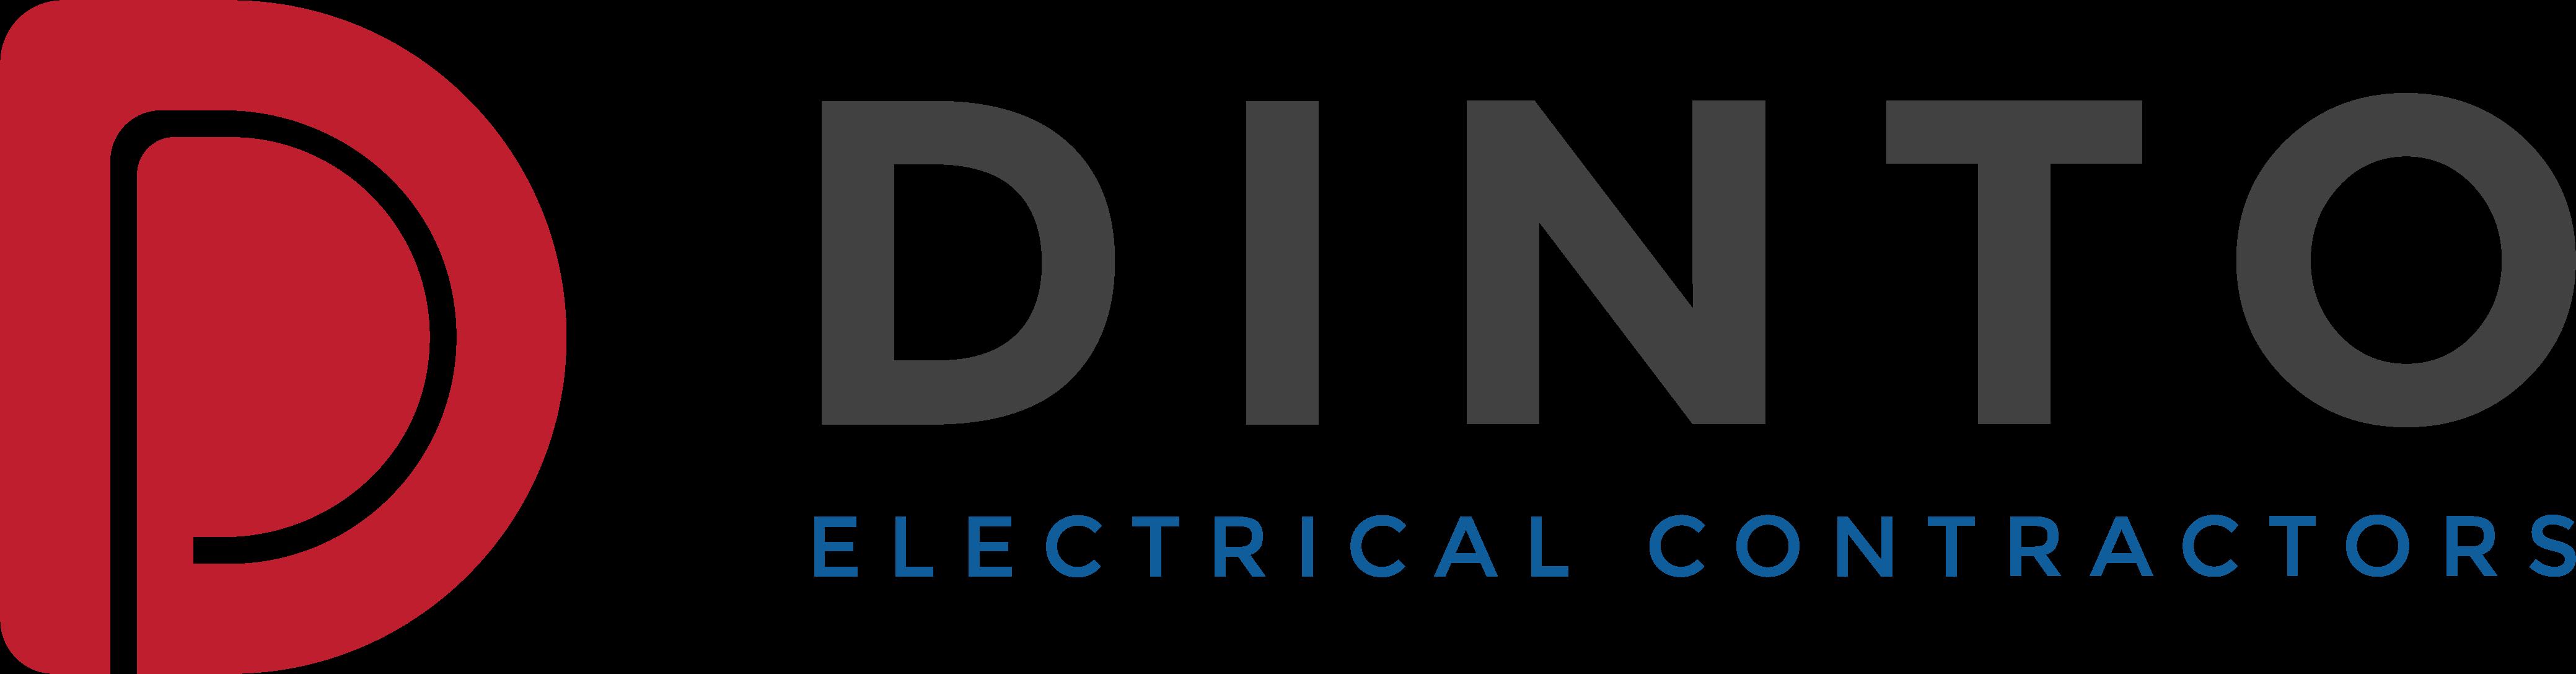 Final-Dinto-Logo